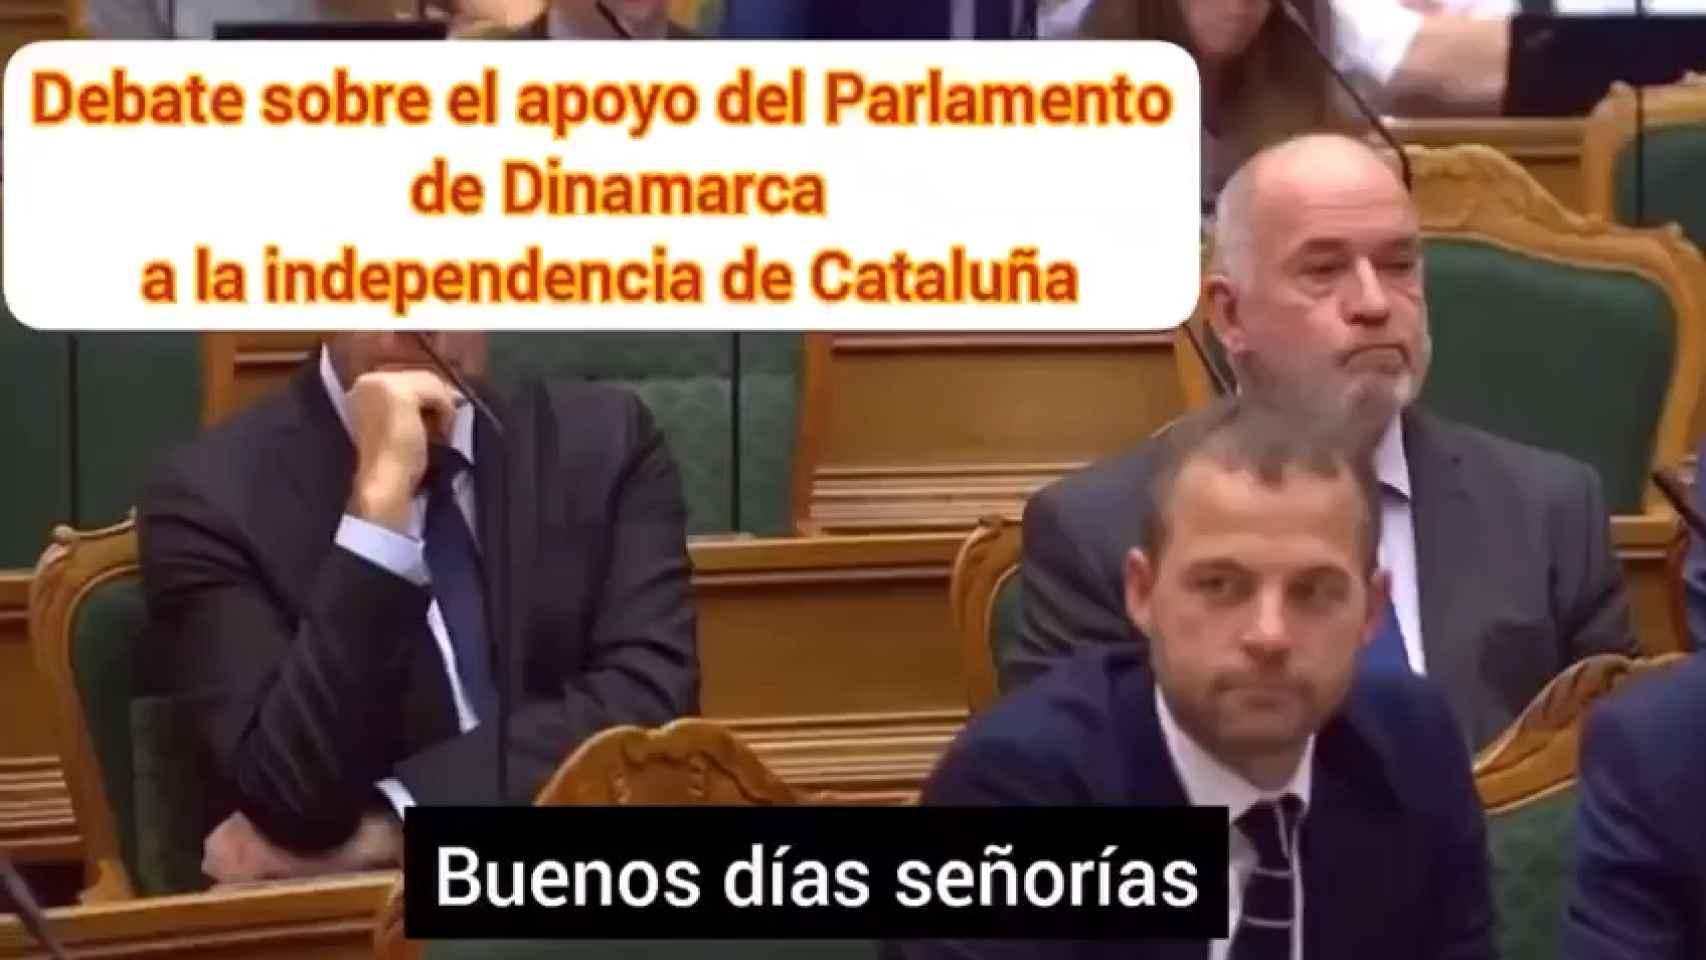 No, el Parlamento de Dinamarca no se está riendo de Cataluña